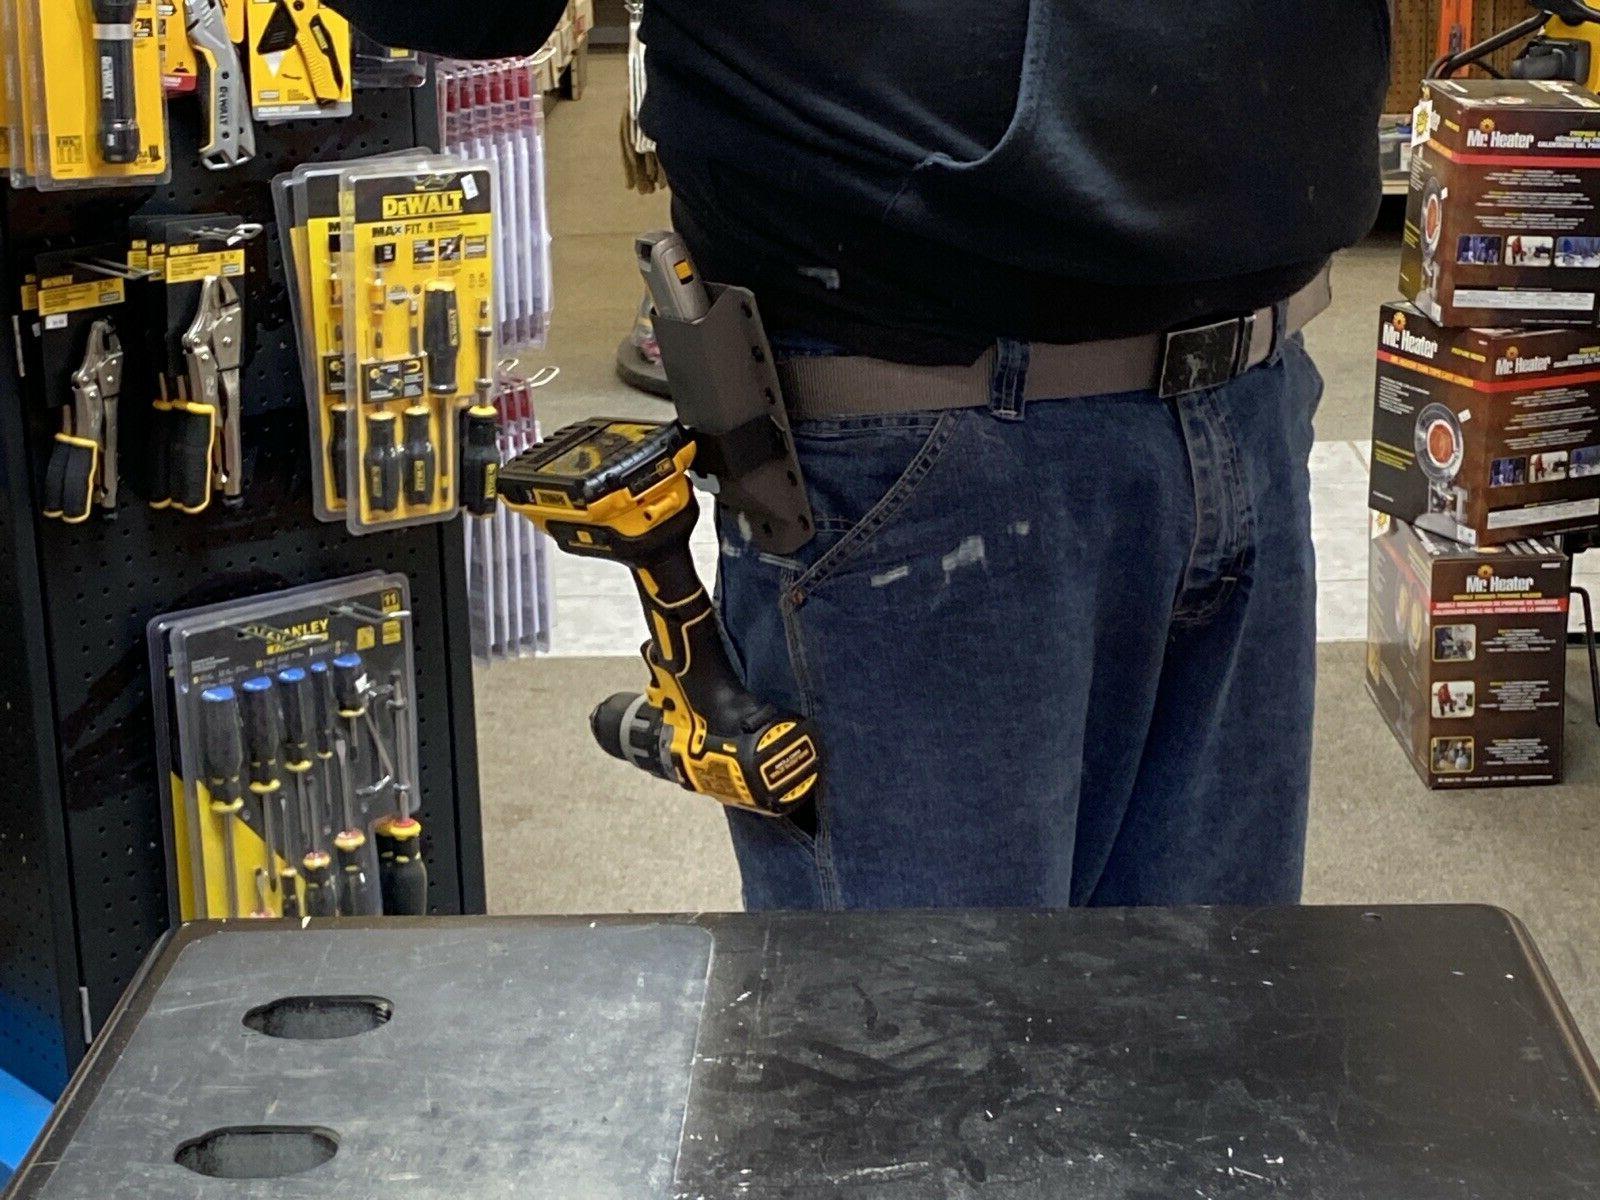 Tape Holder DeWALT Cordless holds Knife & MORE!